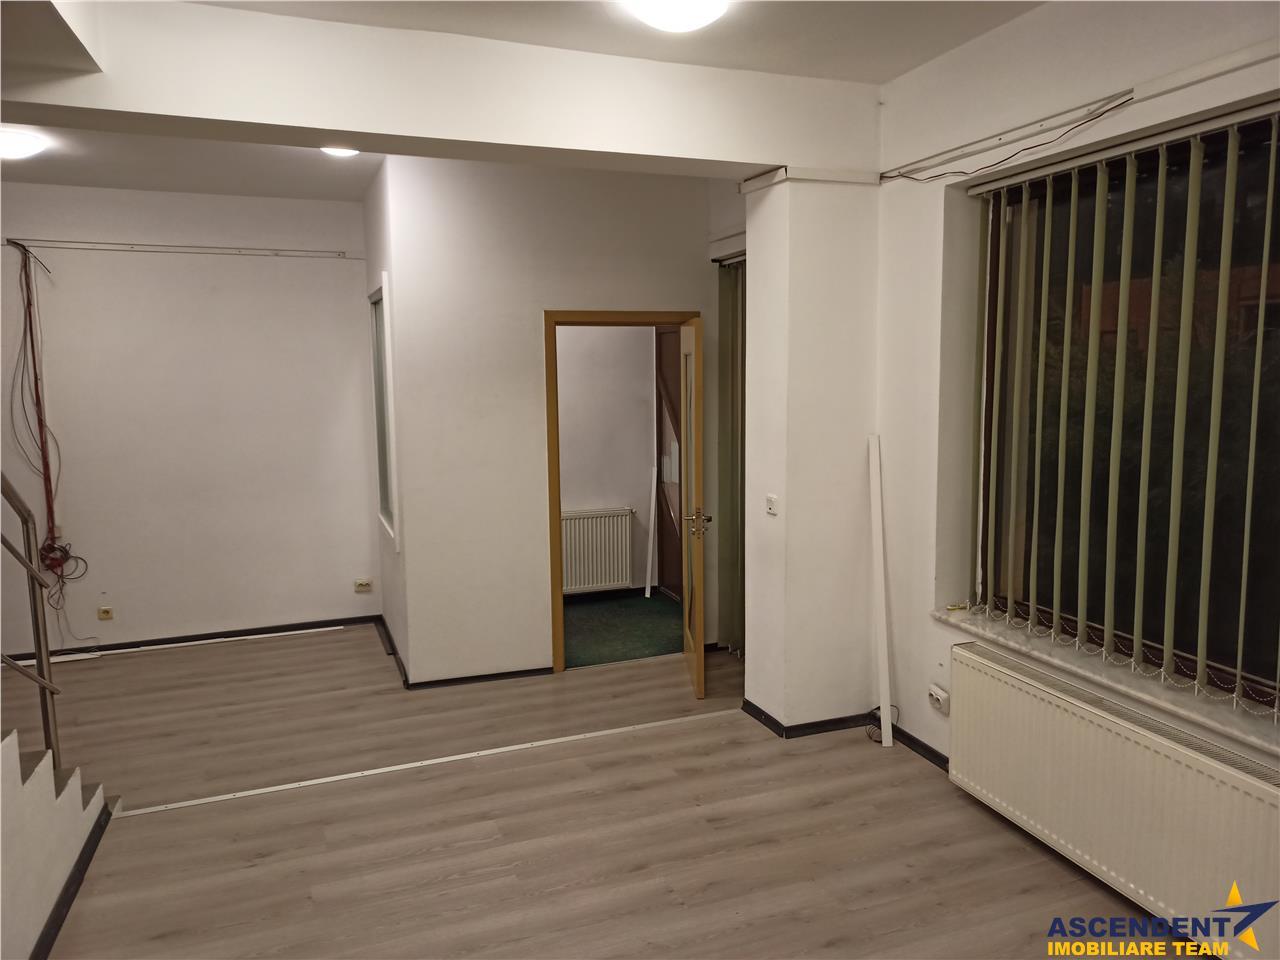 Vila pretabila comercial/ birouri zona Central, Brasov